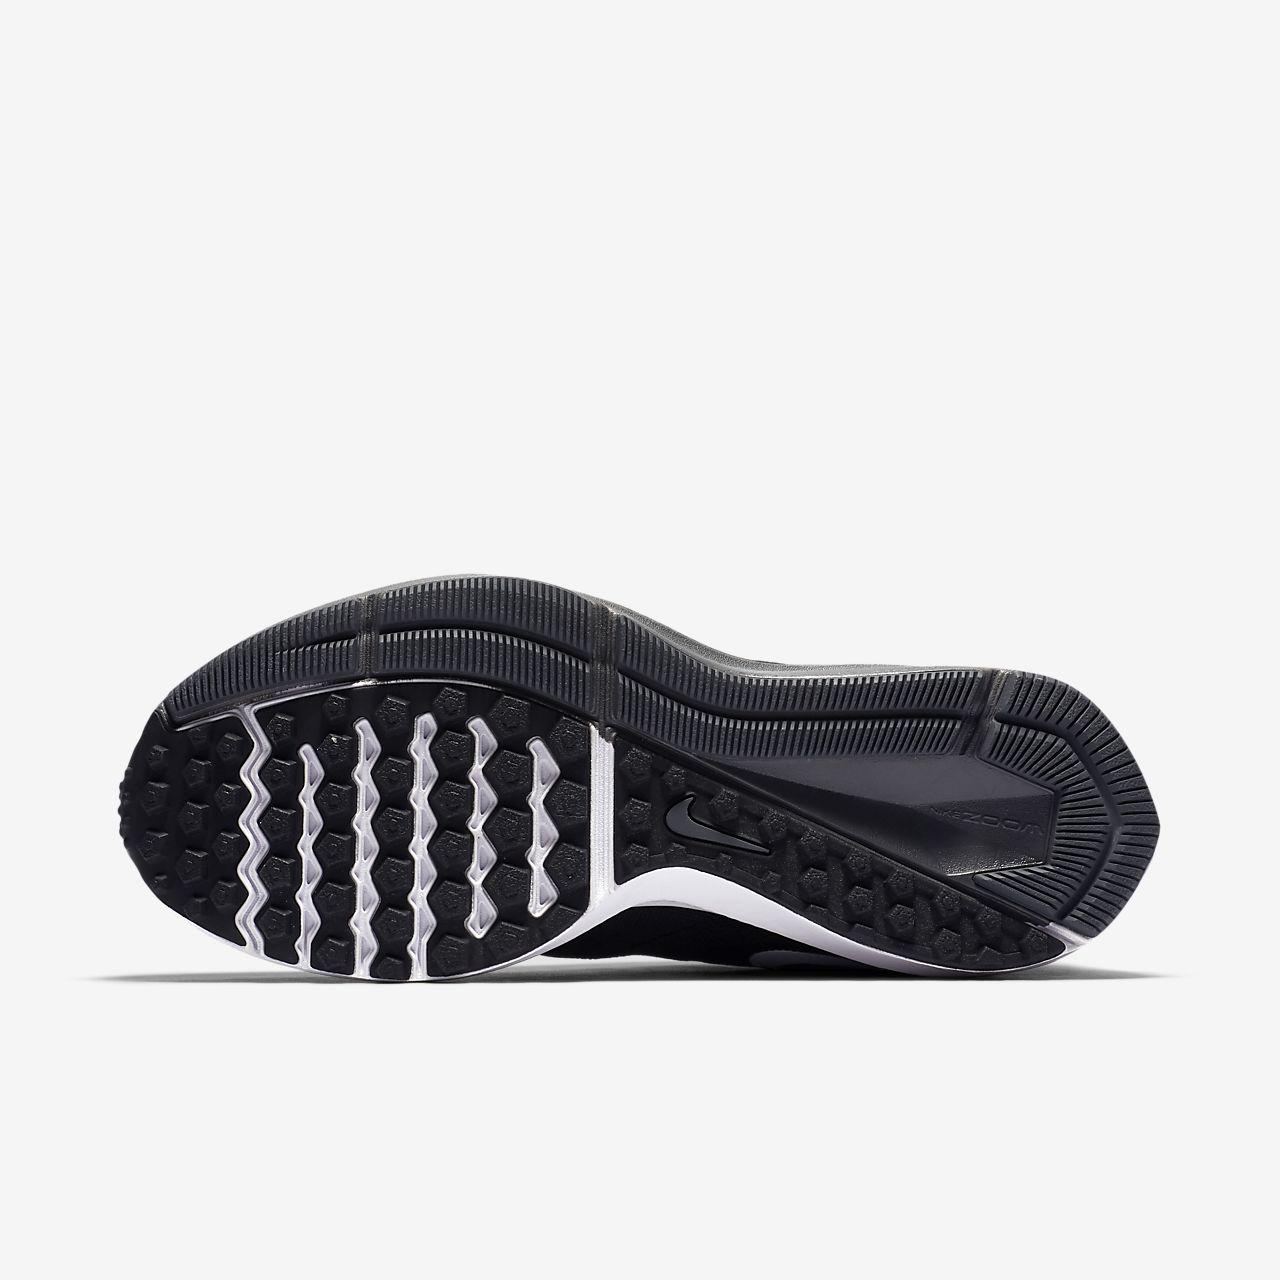 6c5bf01dcd62 Nike Zoom Winflo 4 Women s Running Shoe. Nike.com NZ